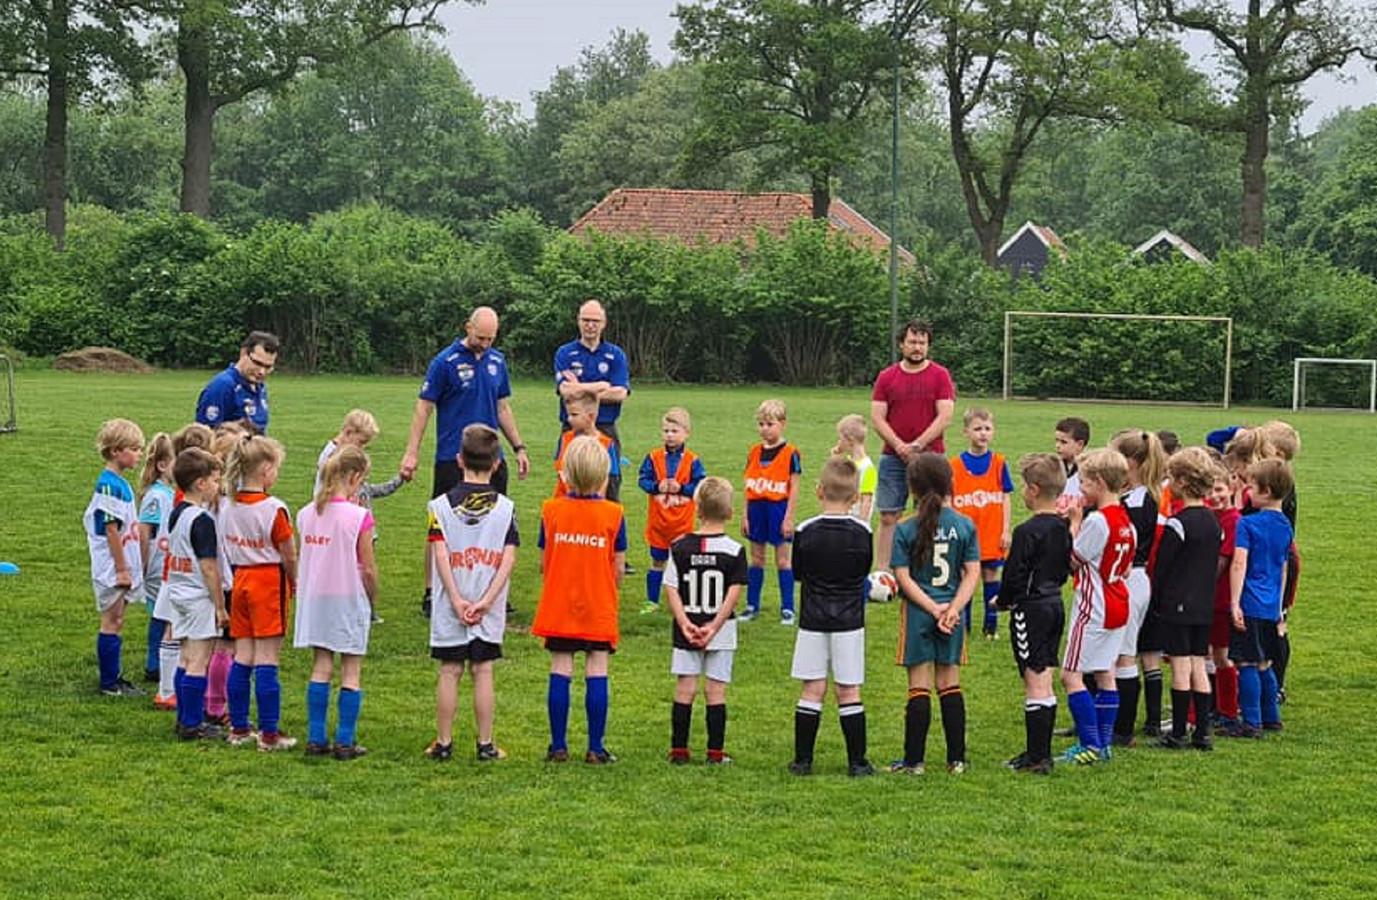 DEO-jeugdspelertjes met collegaatjes van Sportclub Neede op het veld, bij een moment stilte vanwege een overleden Sportclub Neede-lid.